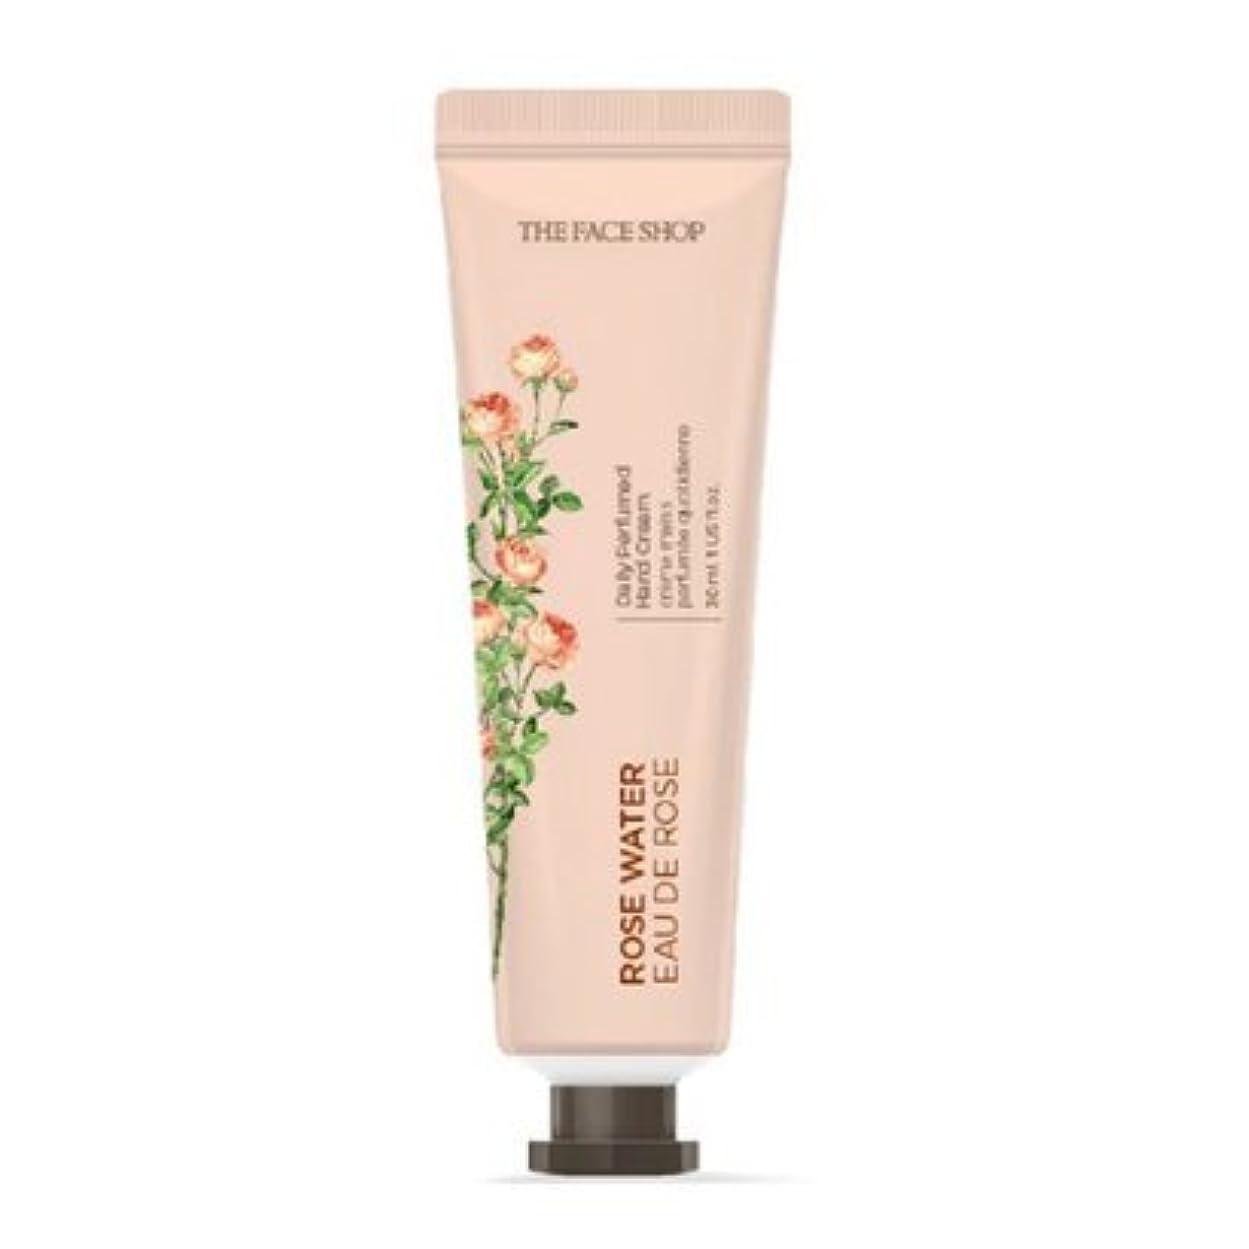 メロドラマ極めて重要なメロドラマ[1+1] THE FACE SHOP Daily Perfume Hand Cream [01.Rose Water] ザフェイスショップ デイリーパフュームハンドクリーム [01.ローズウォーター] [new] [並行輸入品]